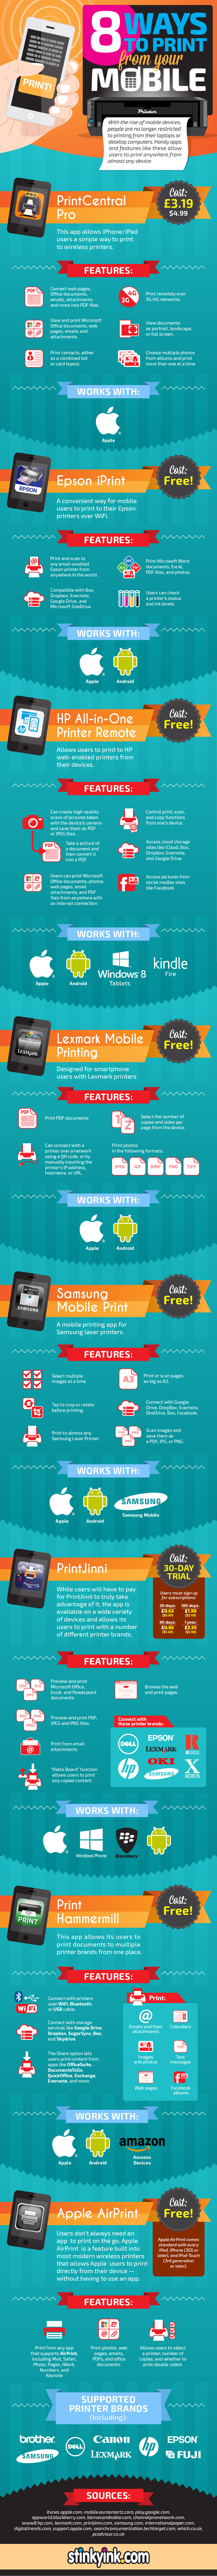 StinkyInk_Mobile_Printing